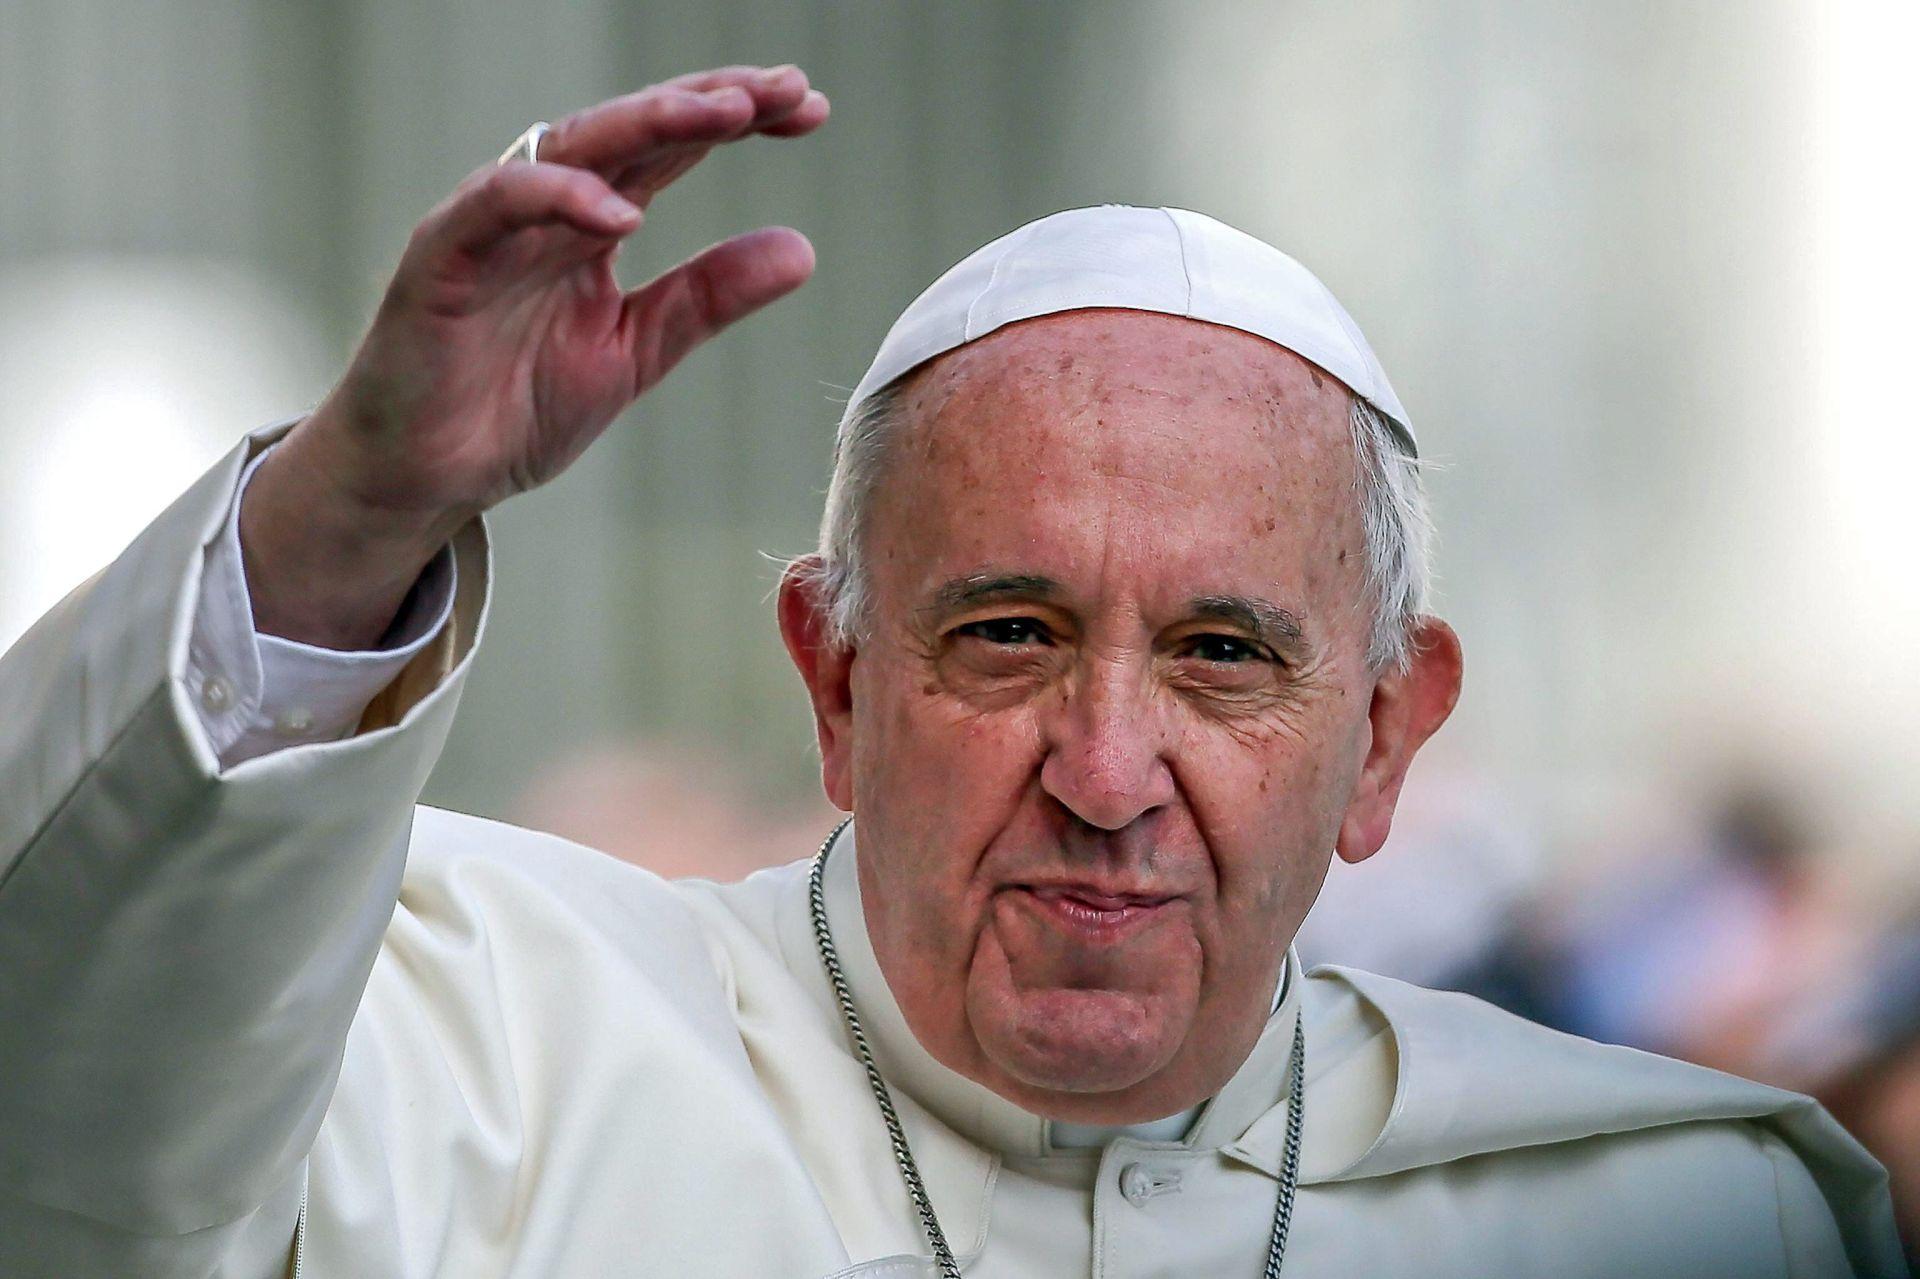 Vatikan: Papa putuje u lipnju u Armeniju, a u Gruziju i Azerbajdžan krajem rujna